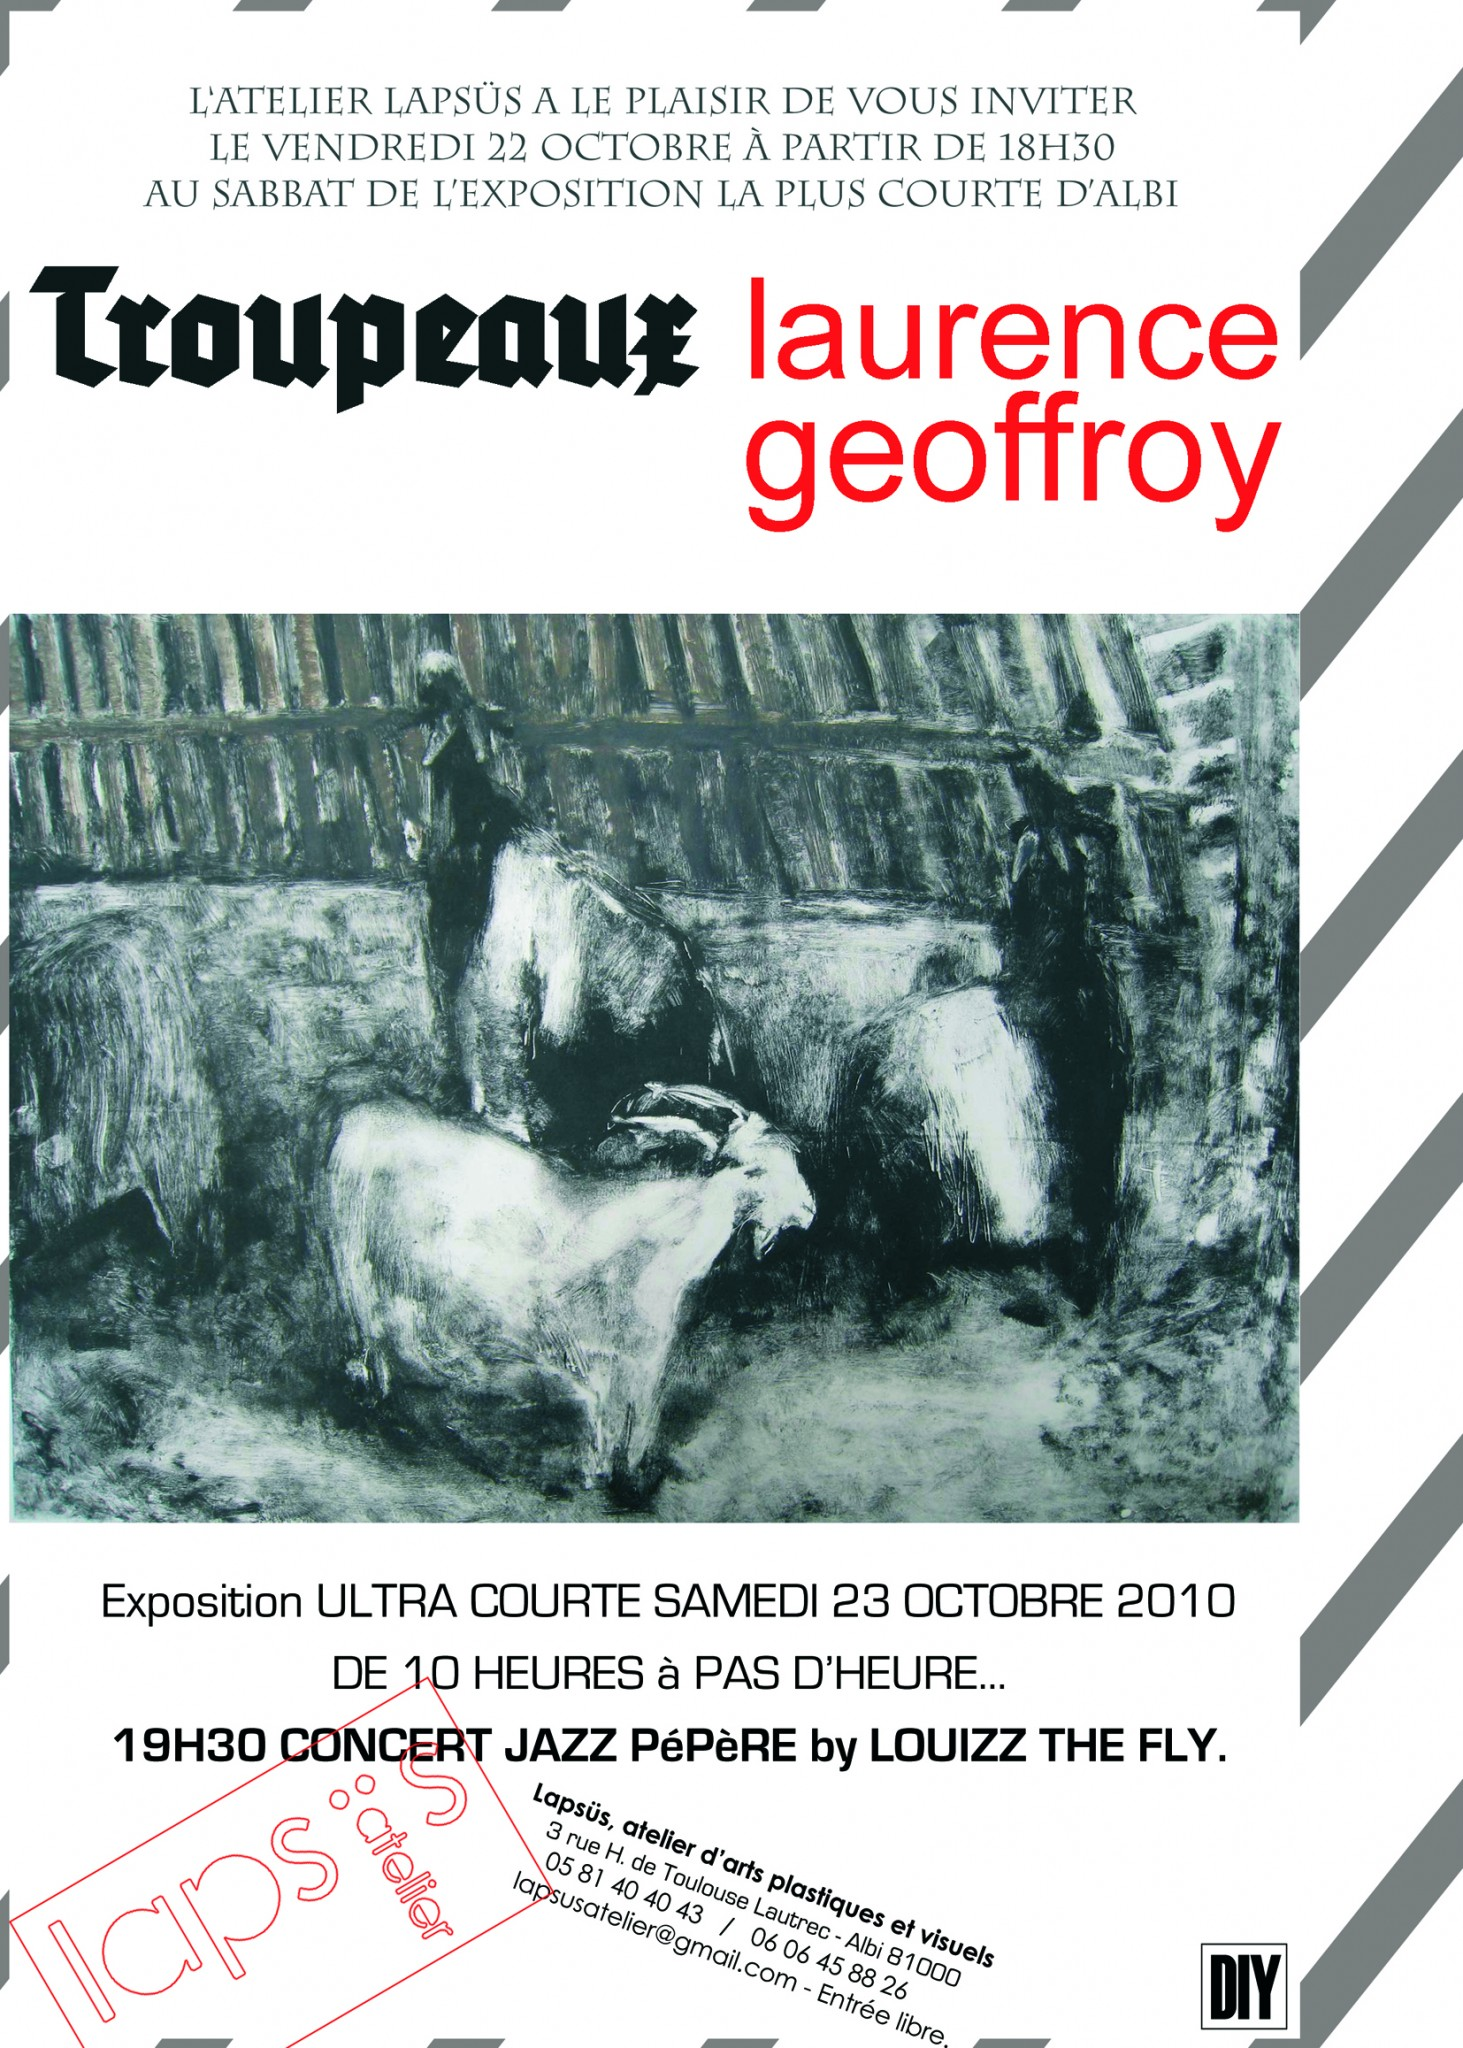 Galerie Lapsus